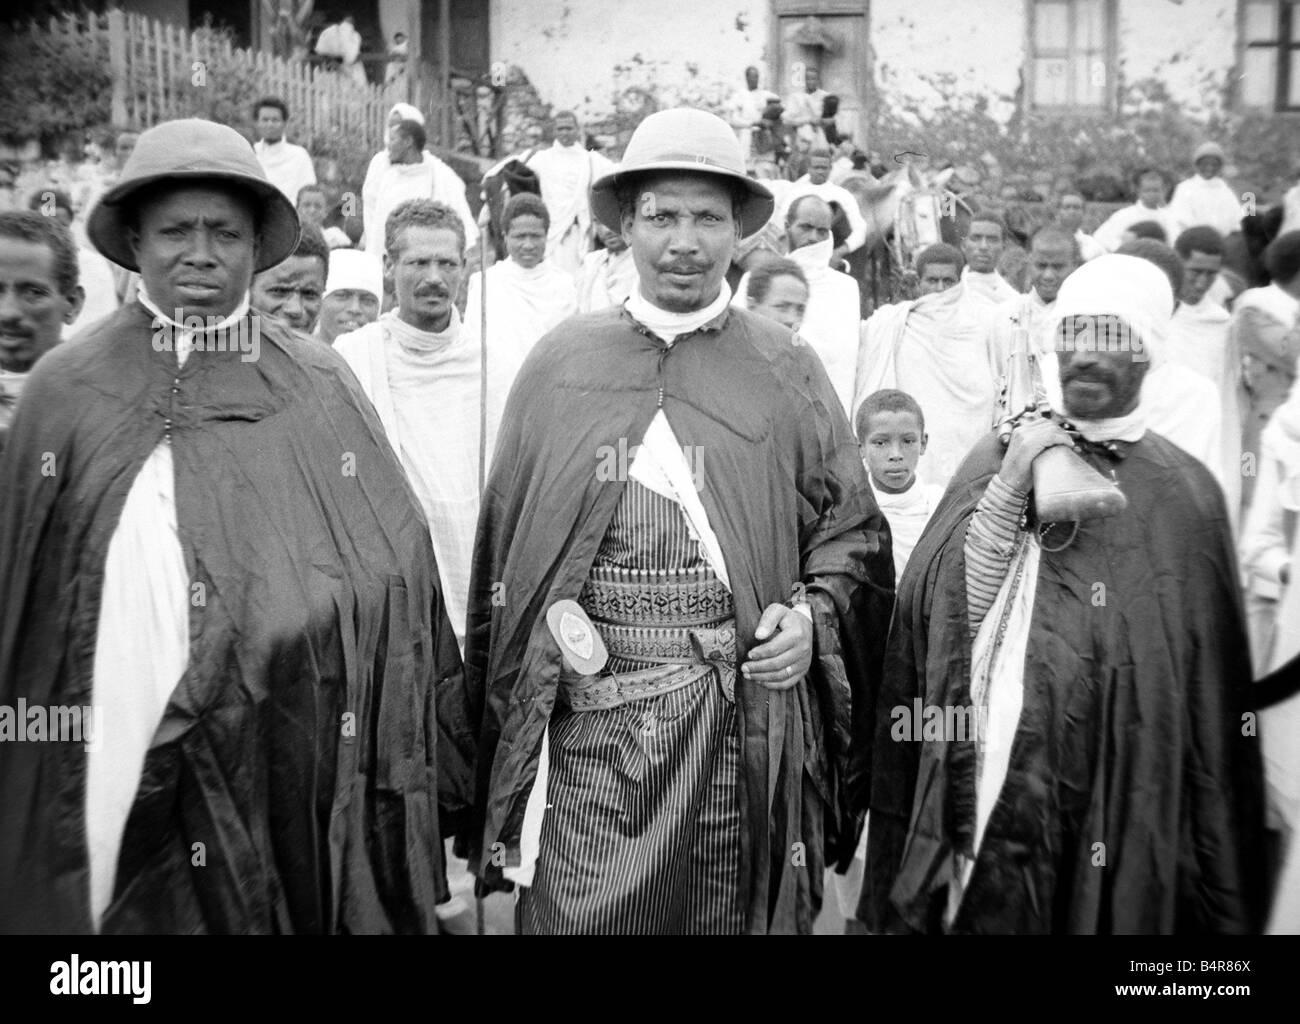 Männer von Abessinien Circa 1935 Krieg Konflikt militärisch Menschen Männer Afrika Äthiopien Stockbild